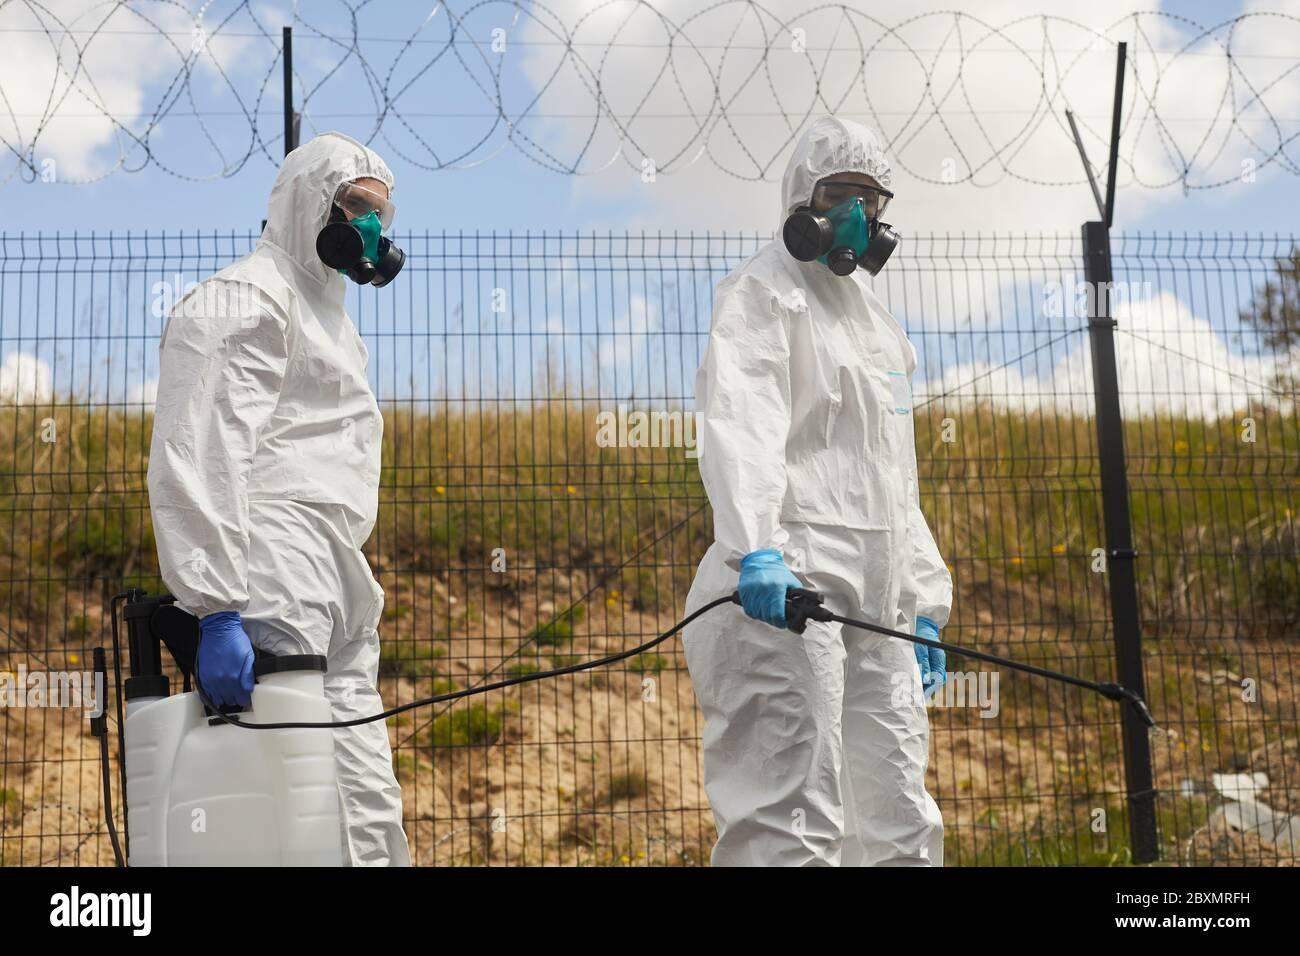 Retrato de dos trabajadores que usan equipo de protección y productos químicos de pulverización al aire libre, parados por una valla de alambre de púas durante la desinfección o limpieza en milígulo Foto de stock